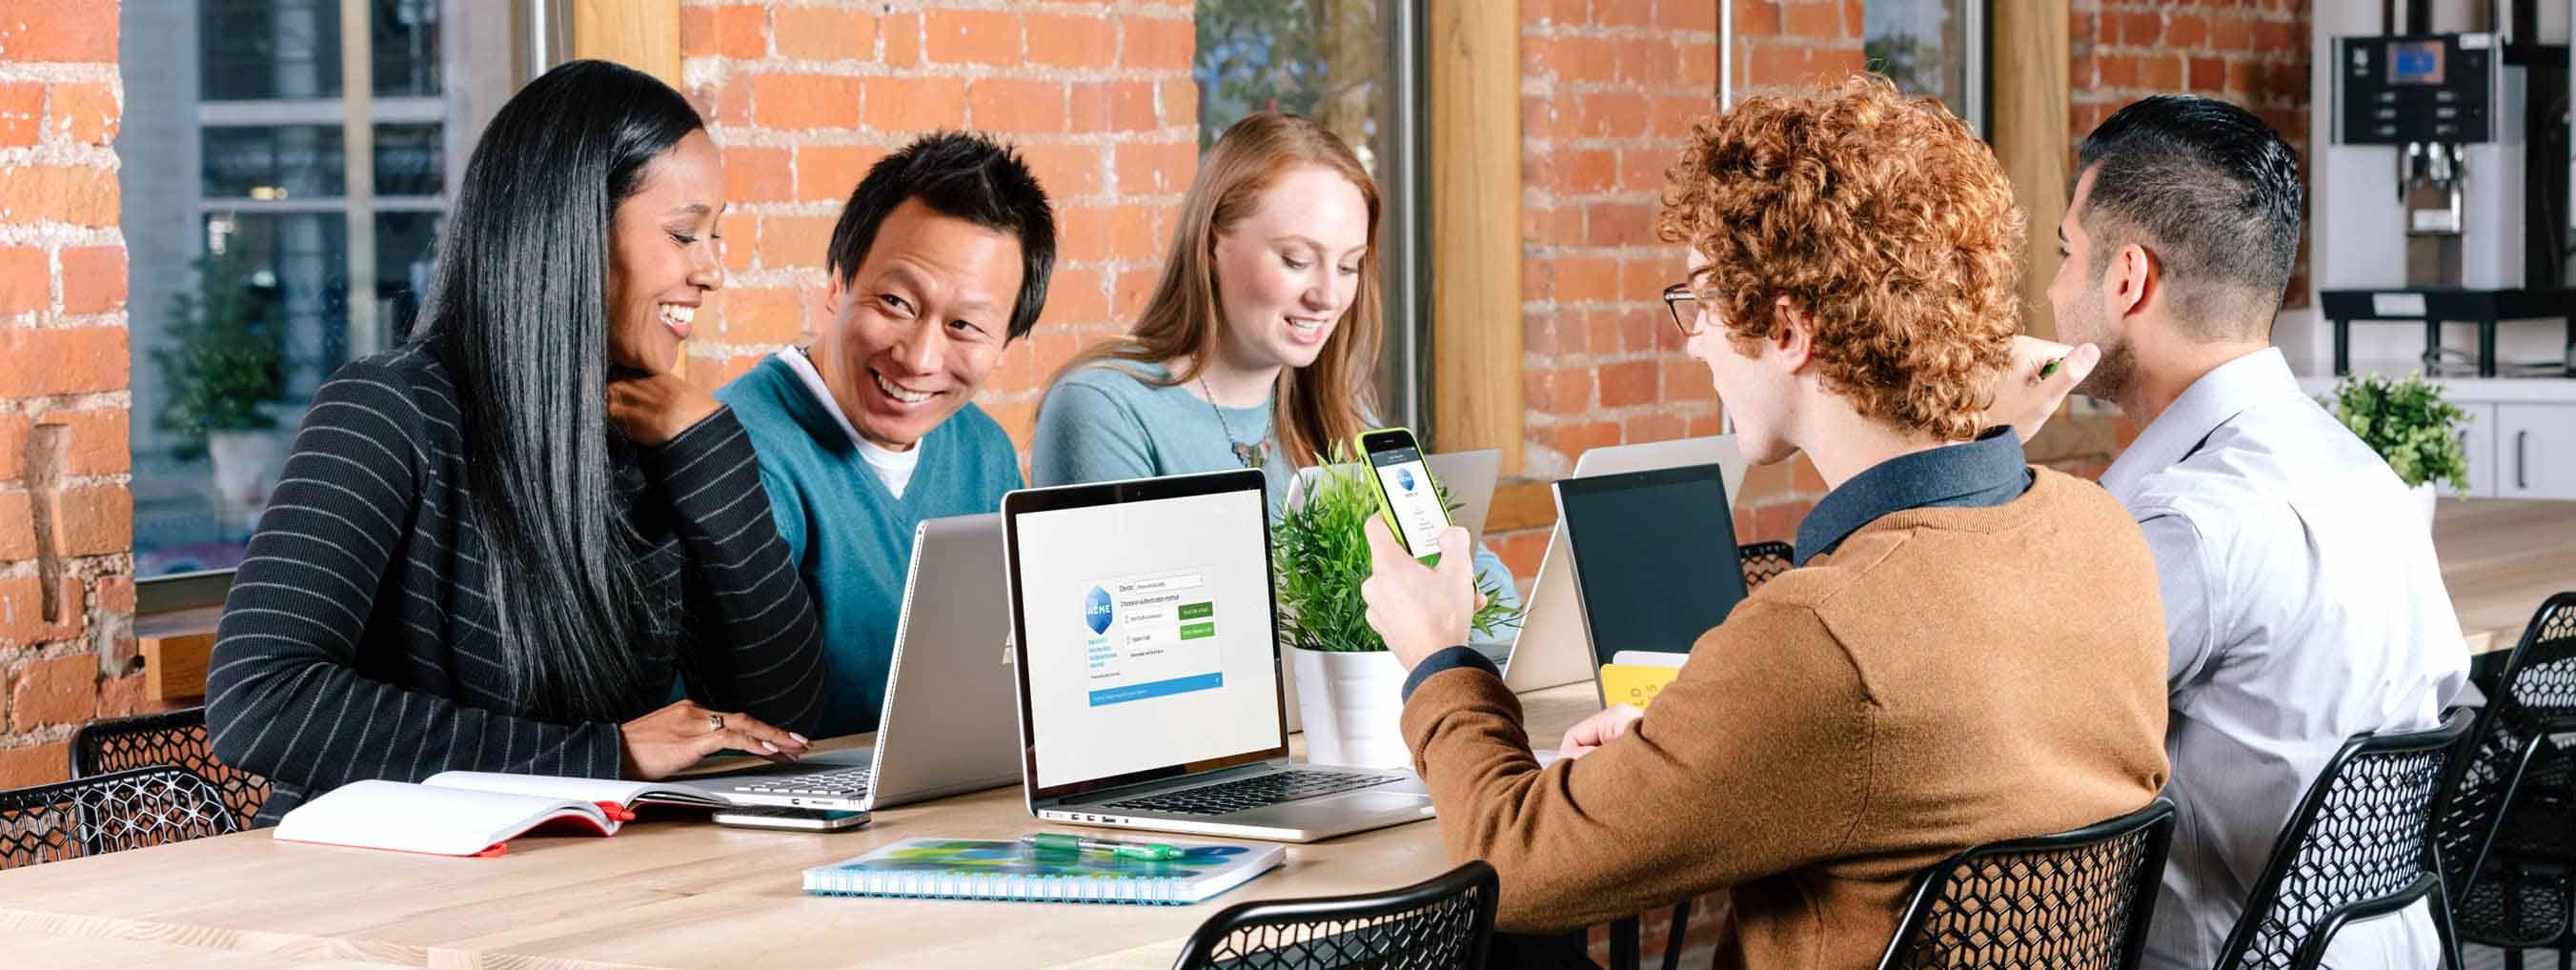 Anwendung On Duo Push Fur Die Zwei Faktor Authentifizierung Wahrend Eines Meetings